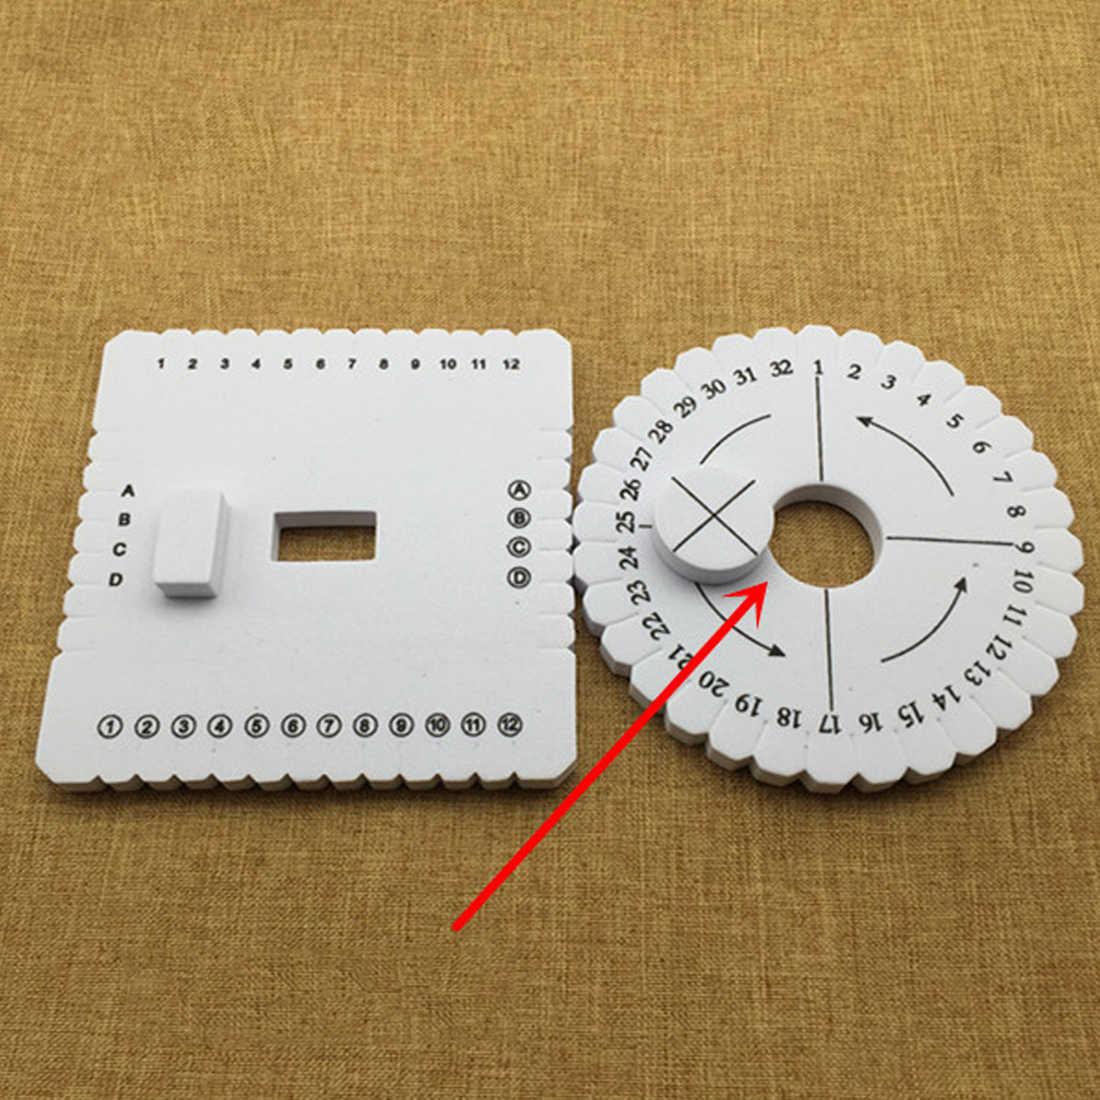 Quadrado redondo Disco 2 pcs Macrame Corda Cabo Trançado Pulseira Artesanal Tecelagem Disco Placa de Material DIY Ferramenta De Costura